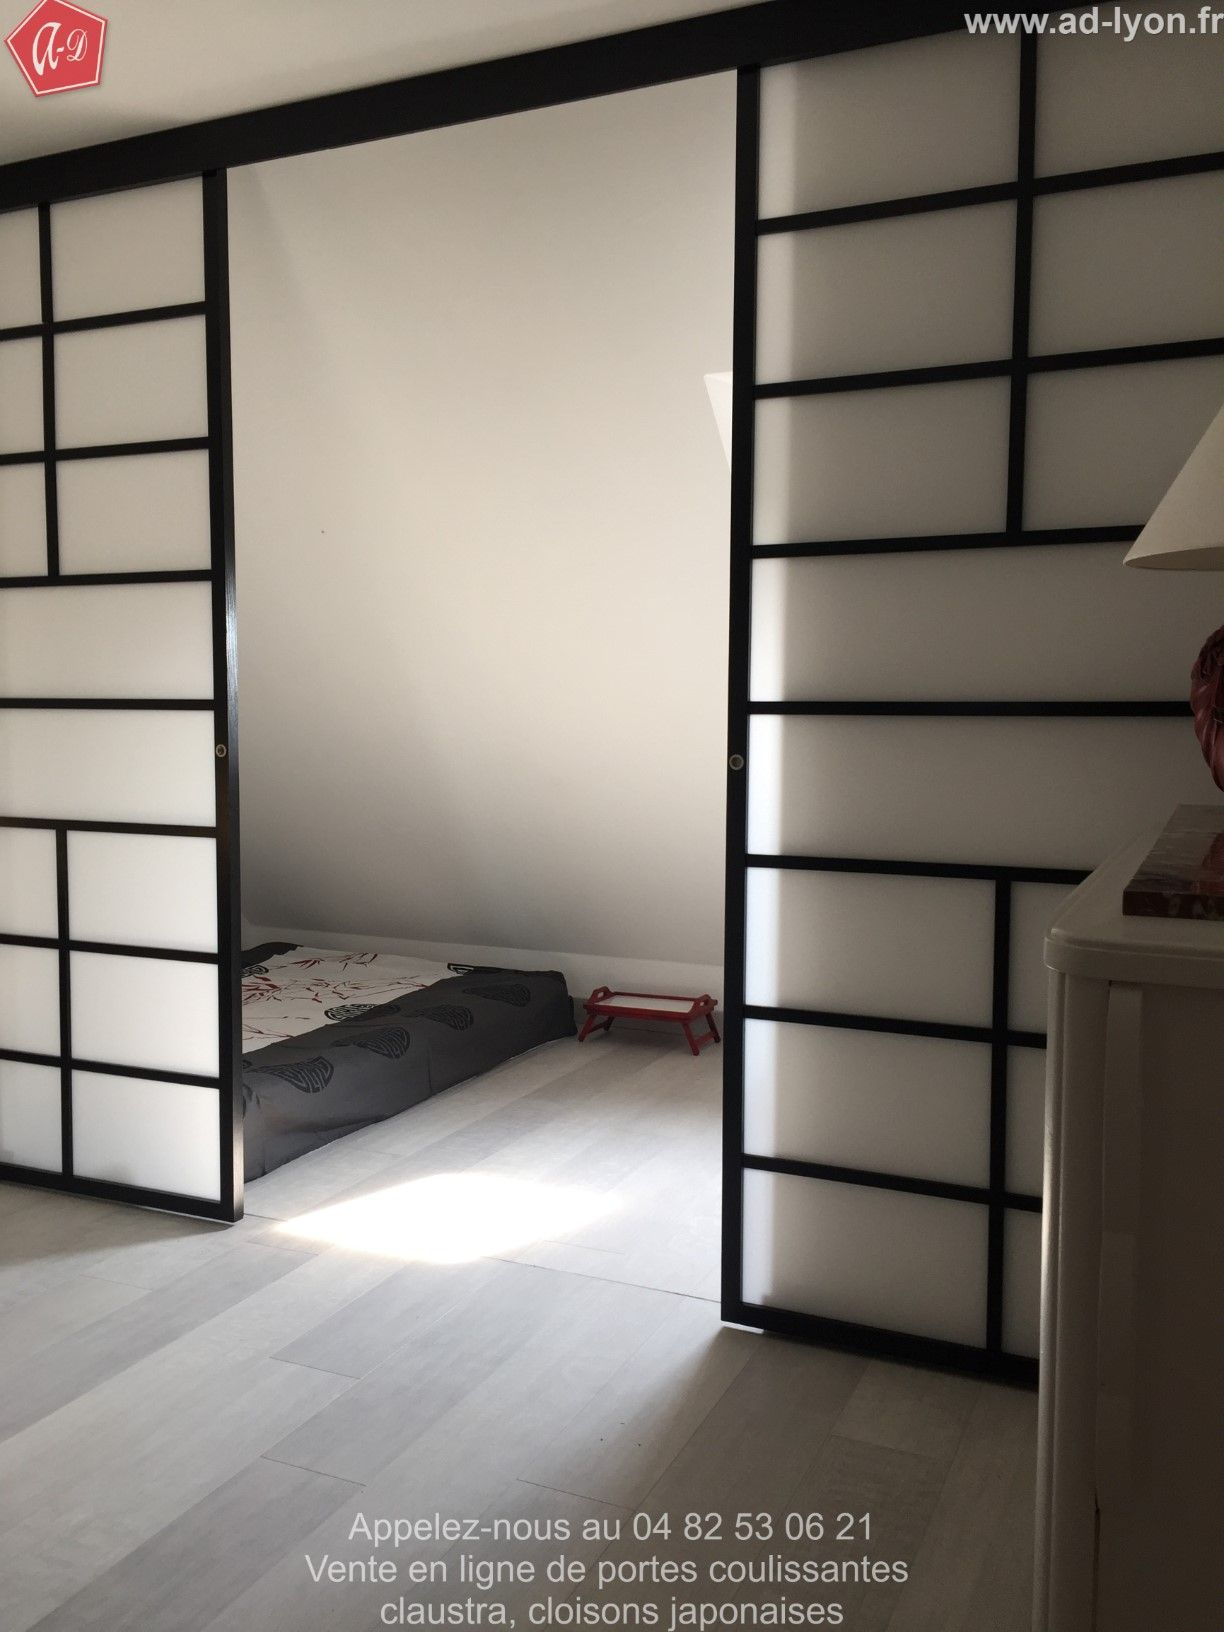 10 Idees De Portes Coulissantes Interieur Japonais Maison Design Interieur Japonais